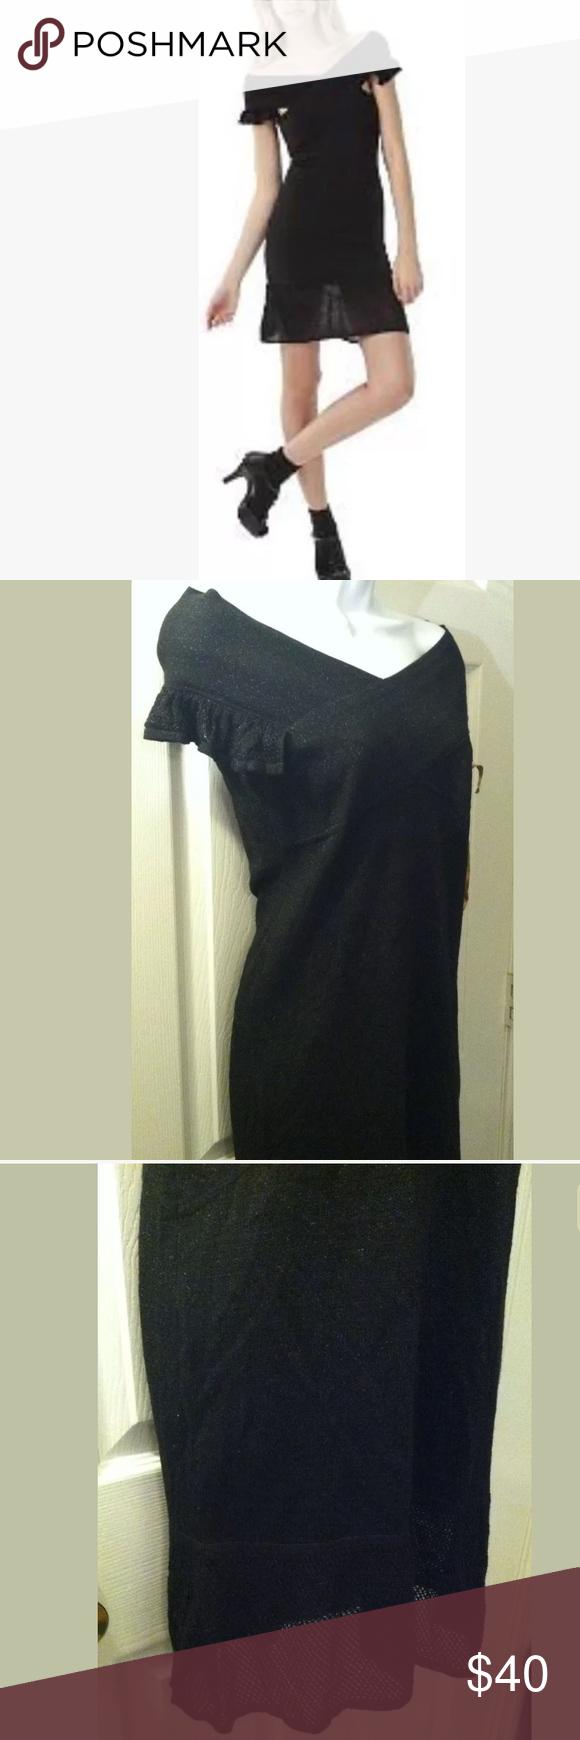 New Zac Posen Bodycon Knit Dress Sweater Black Knitted Bodycon Dress Bodycon Fashion Knit Dress [ 1740 x 580 Pixel ]